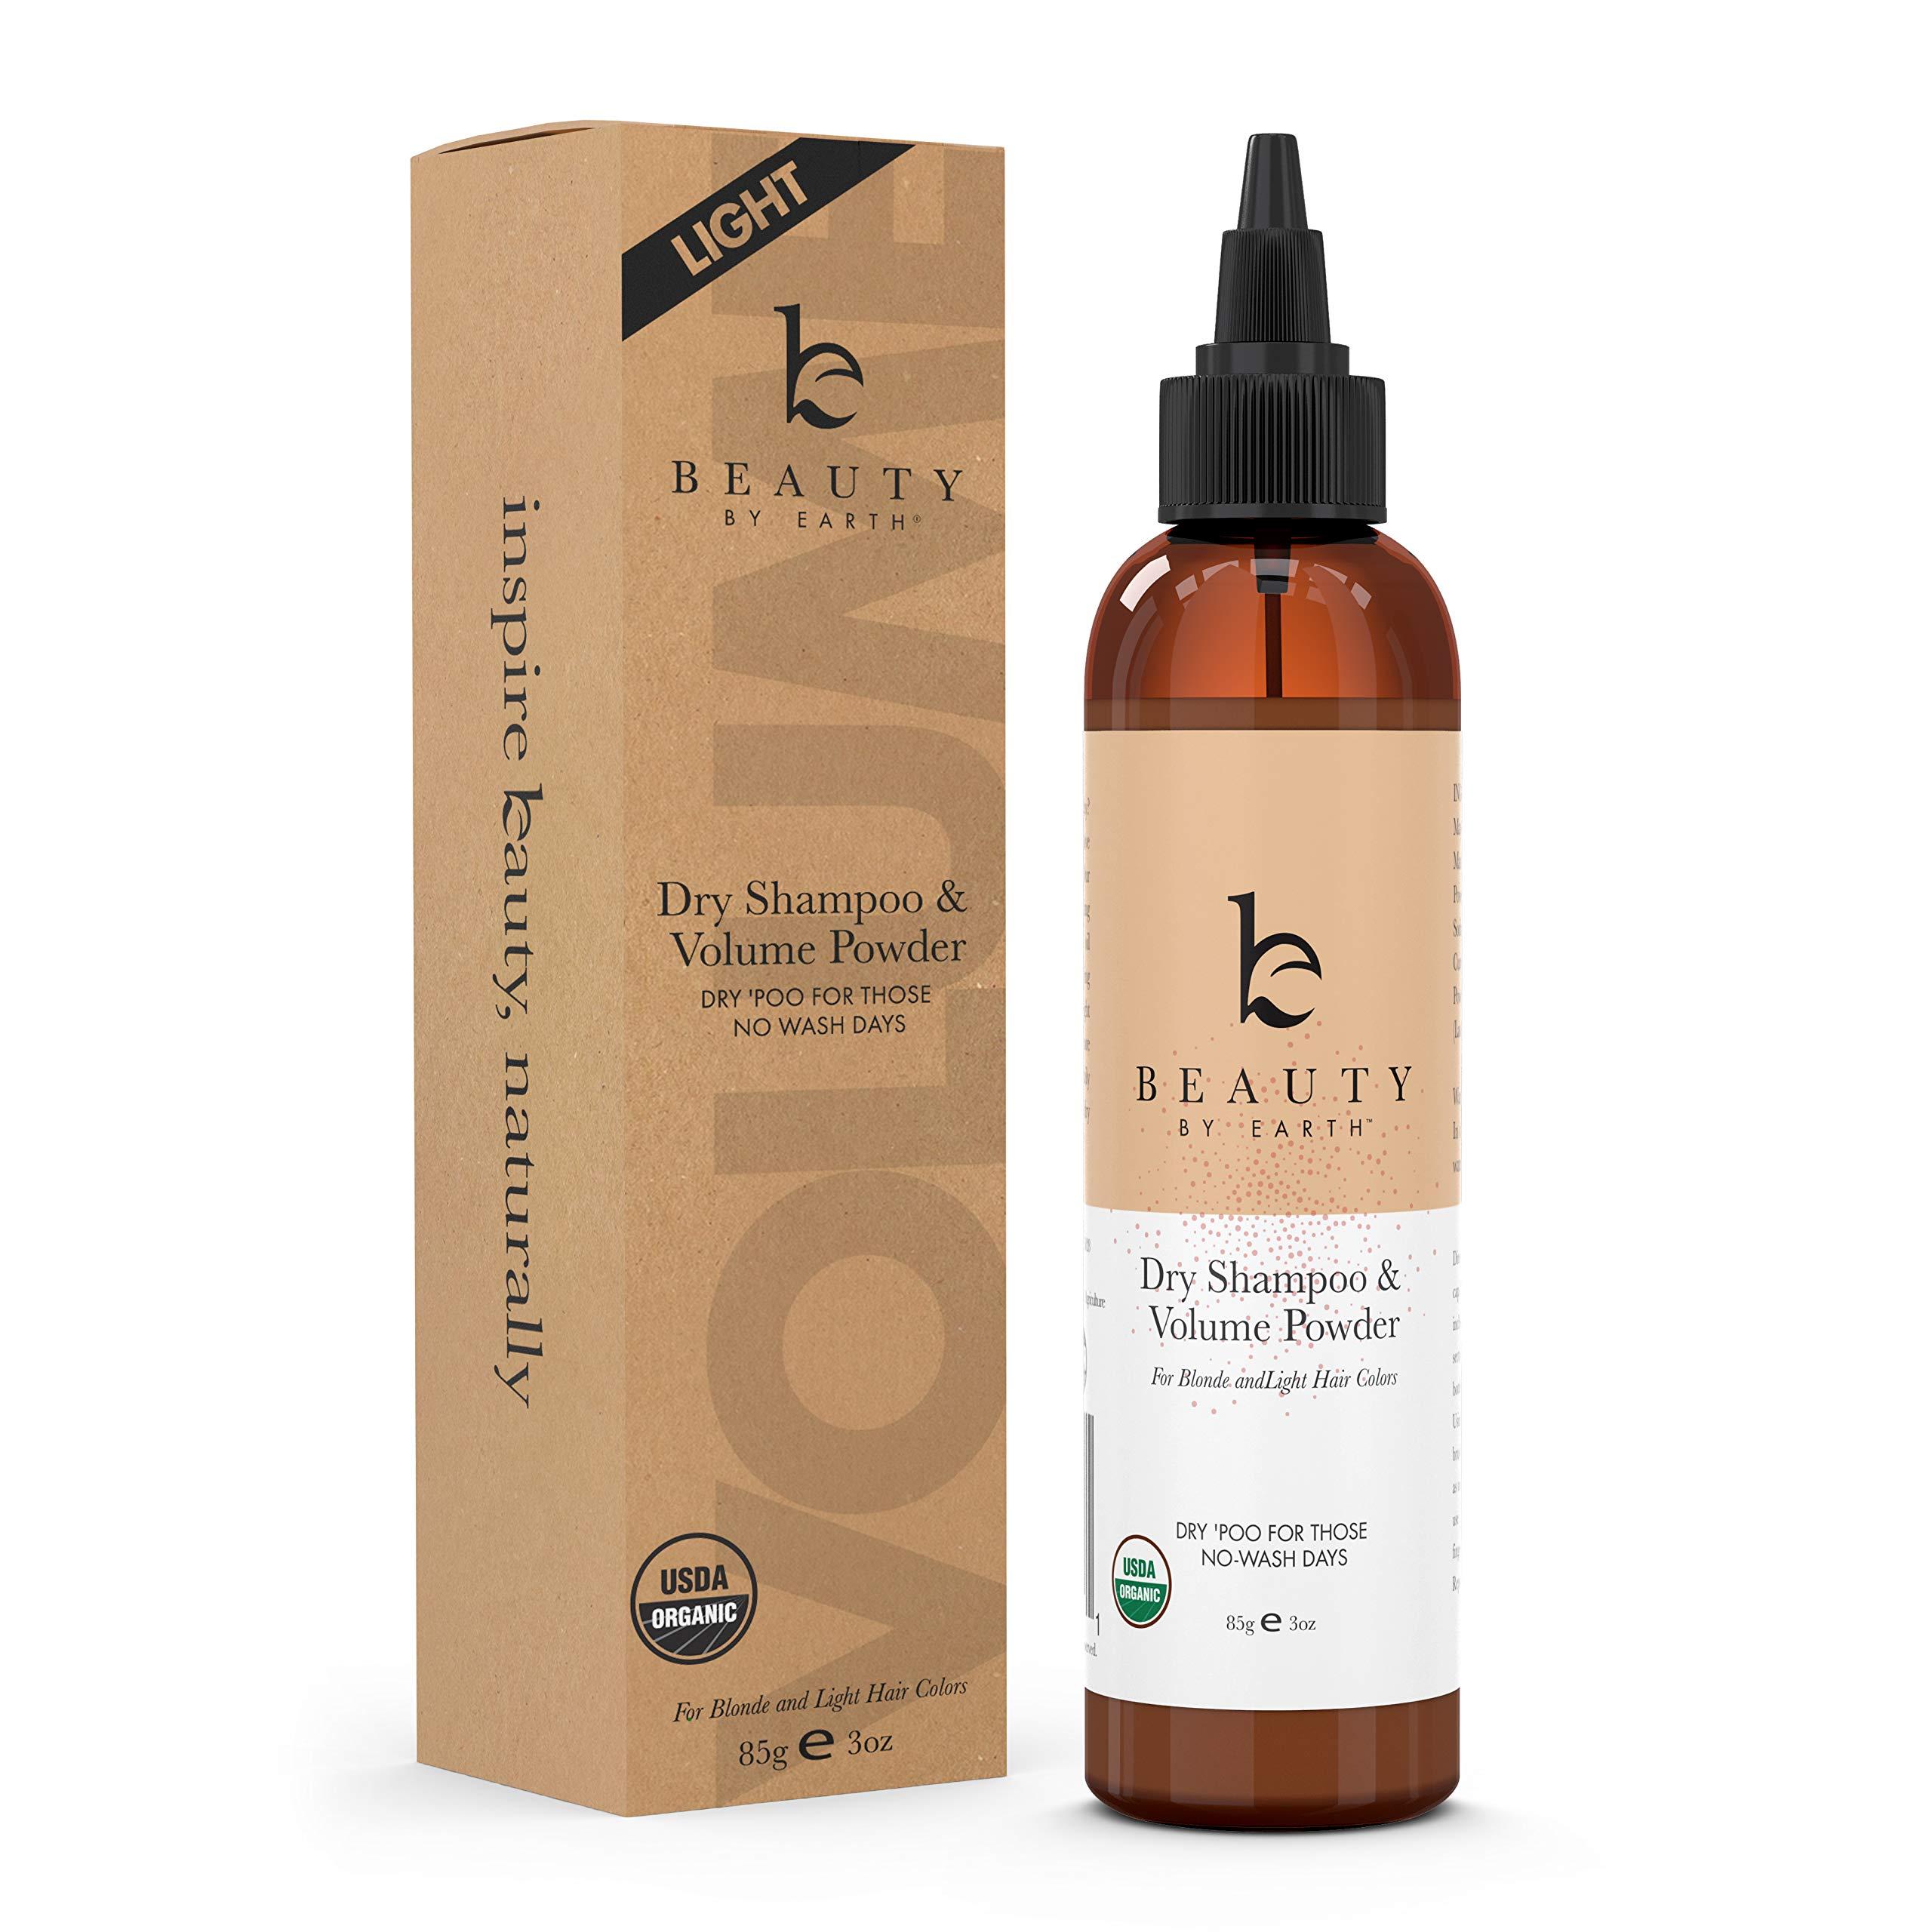 Organic Dry Shampoo Powder - Hair Volume, Volumizing Powder, Natural Dry Shampoo Volume Powder, Best Dry Shampoo, Perfect Hair Powder for Travel (Light, 3 oz) (Light)